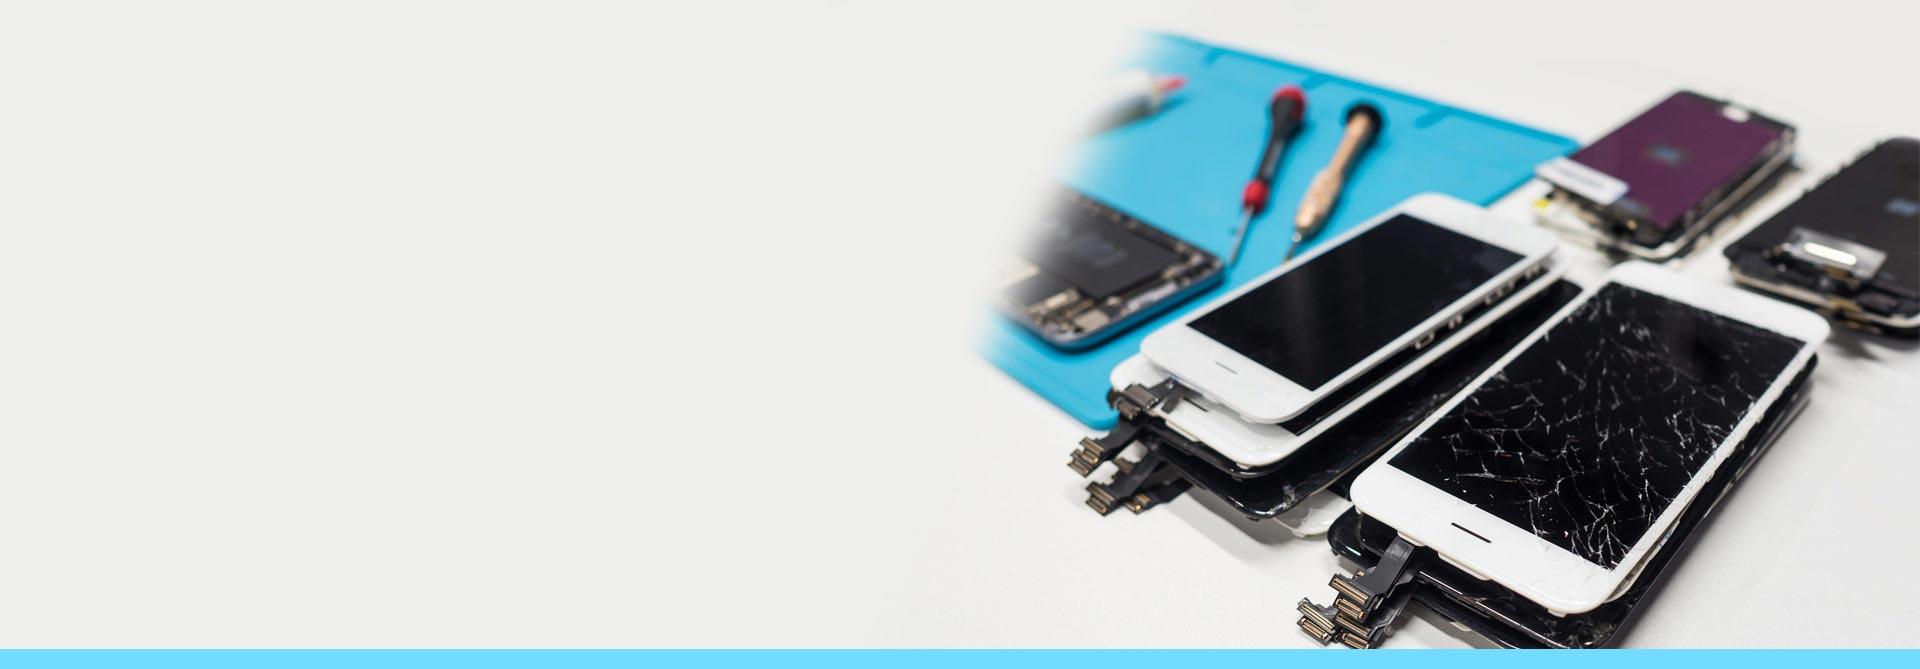 Smartphone-Display-Reparatur-München-Haidhausen